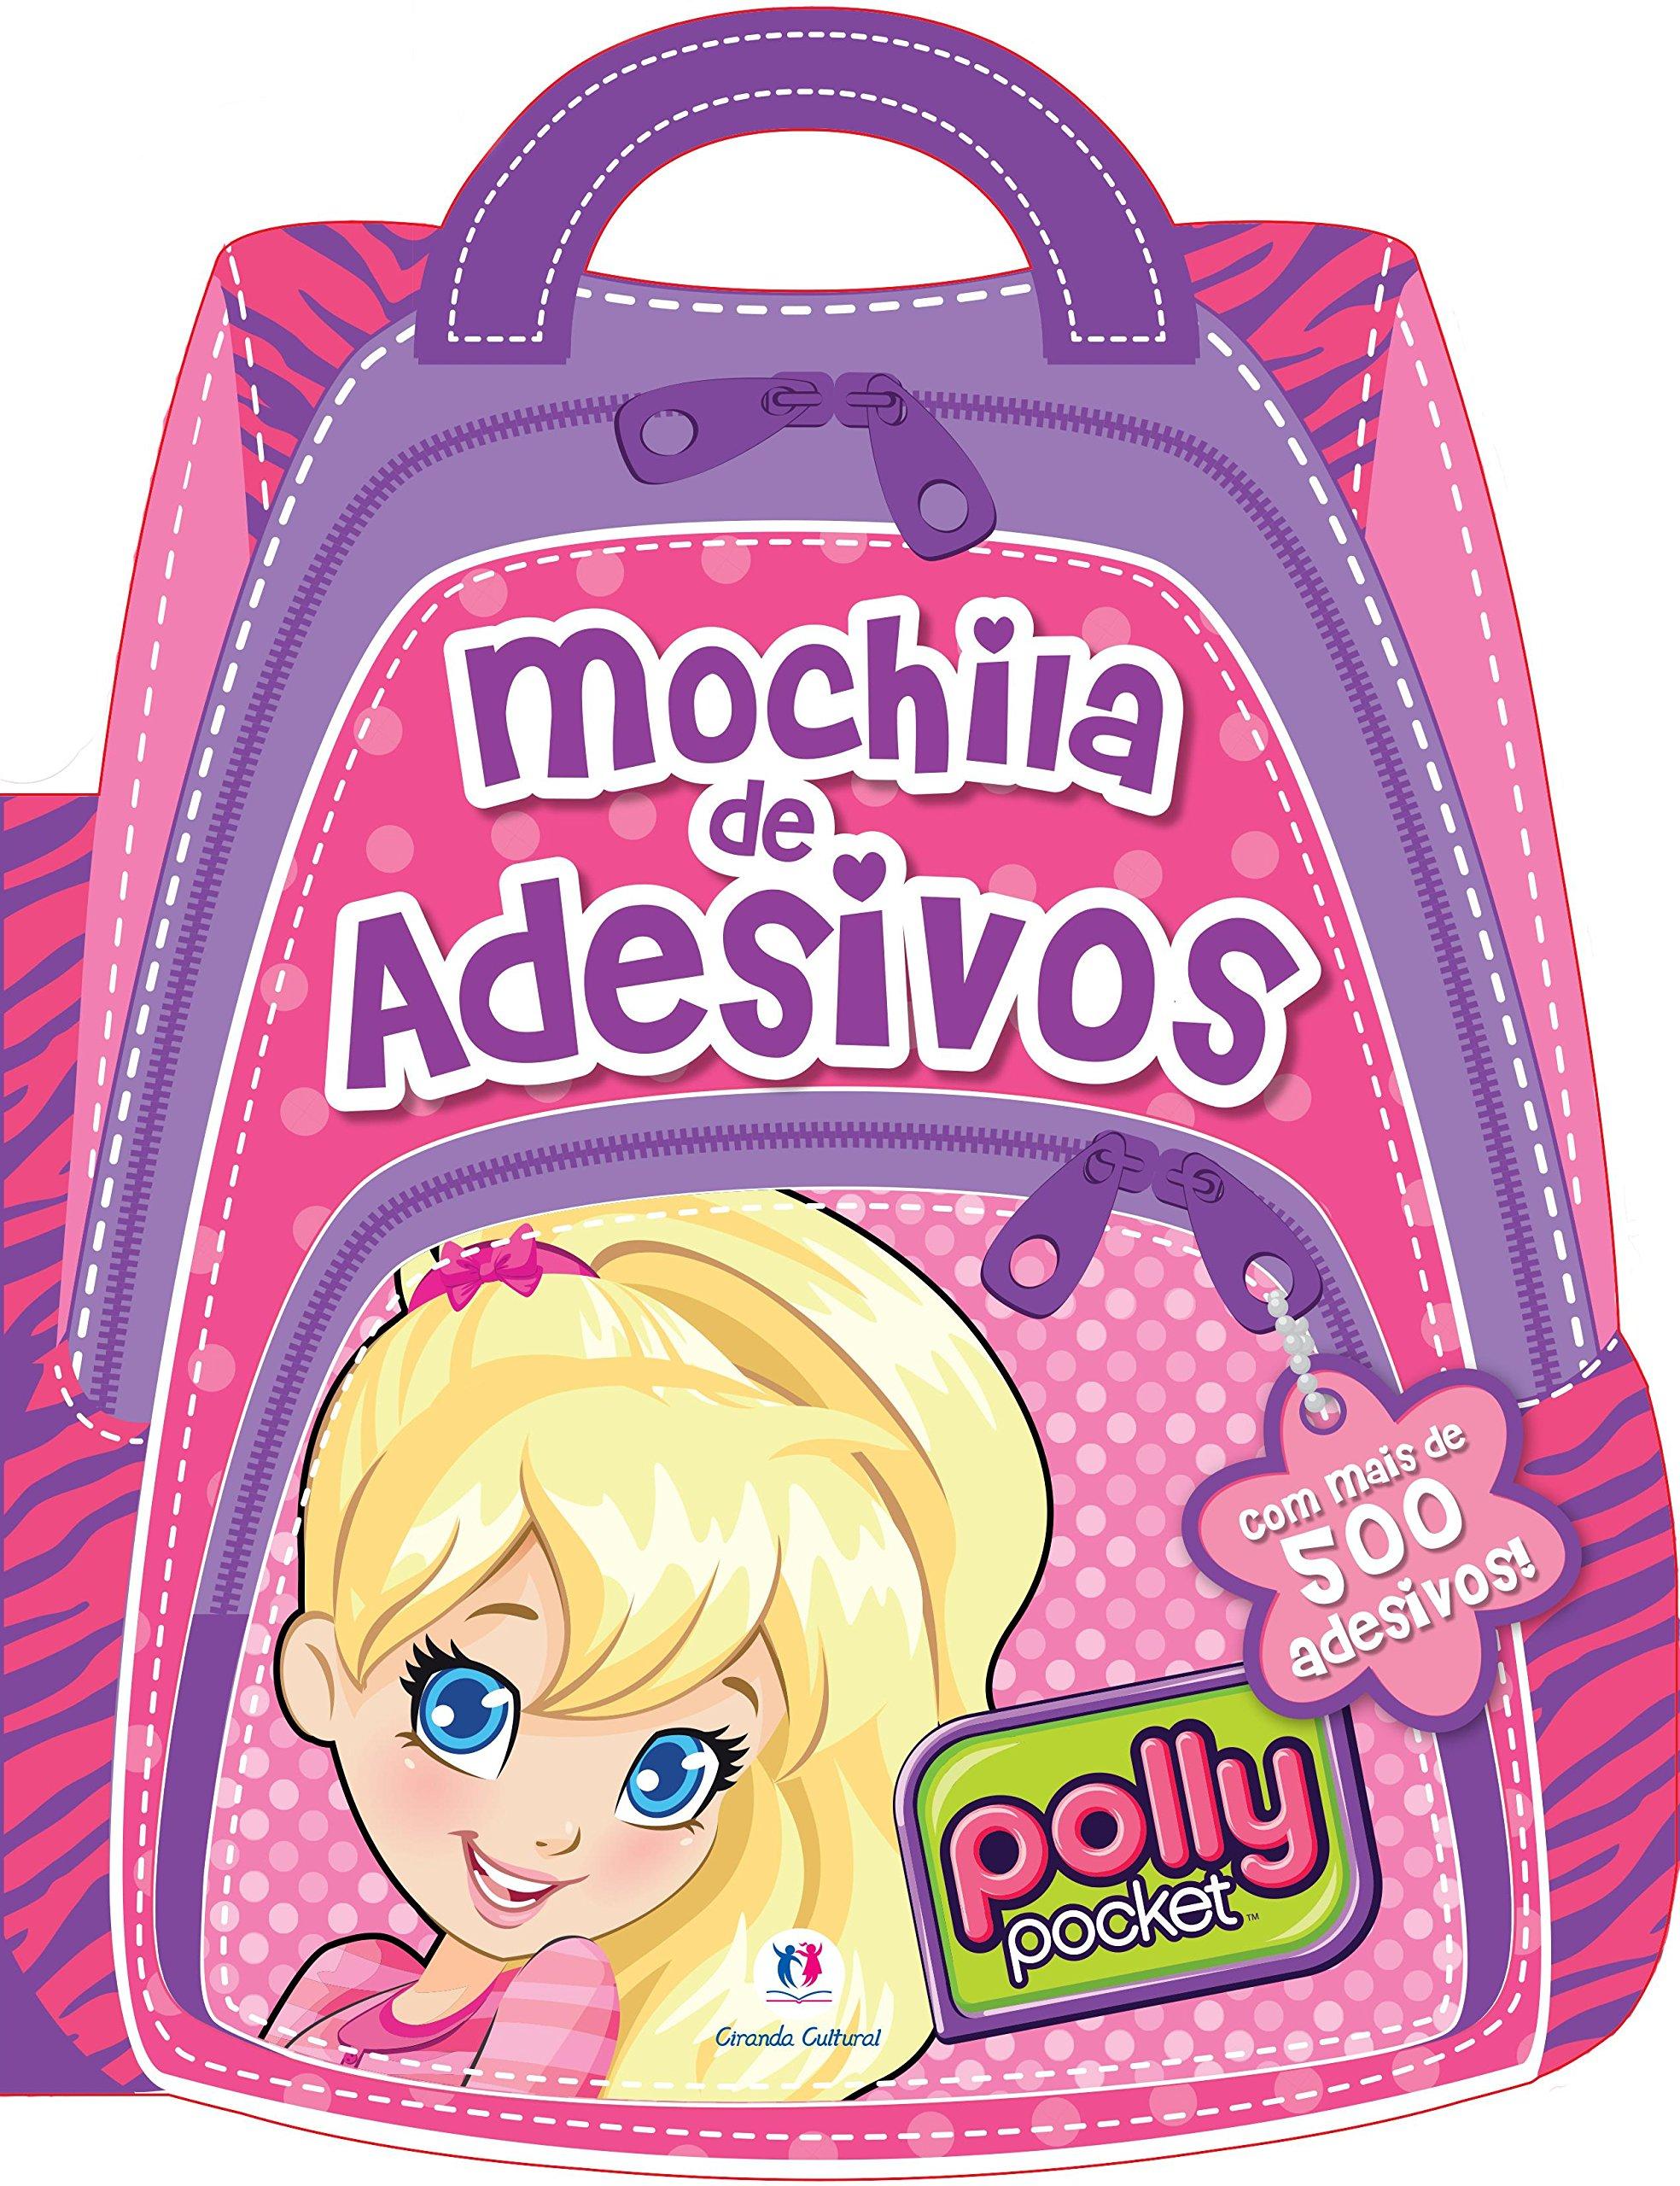 Polly Mochila de Adesivos (Portuguese Brazilian) Paperback – 2000